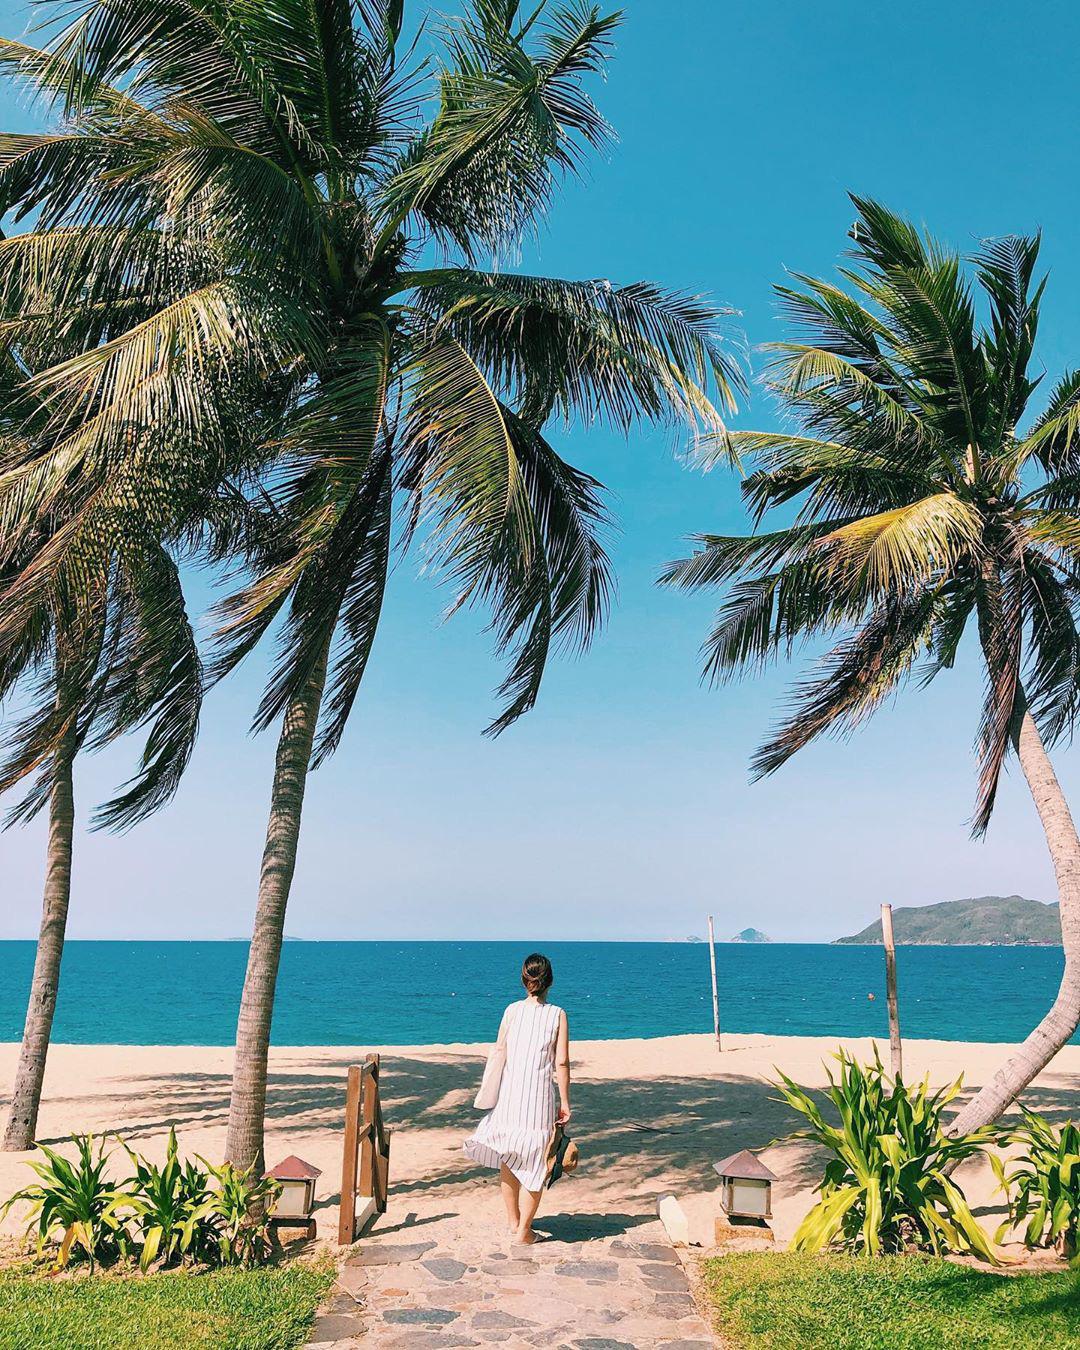 5 resort 5 sao nhất định phải trải nghiệm một lần trong đời ở Nha Trang: Giá đang cực tốt cho một kỳ nghỉ dưỡng của thượng đế!  - Ảnh 4.